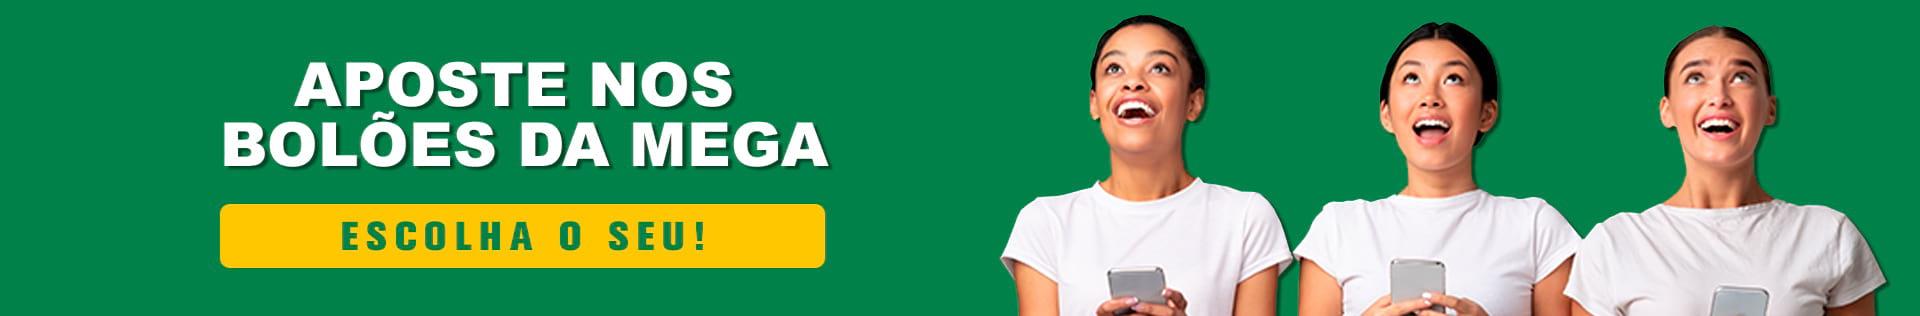 Aposte noBolão da Mega Sena Online com a Intersena